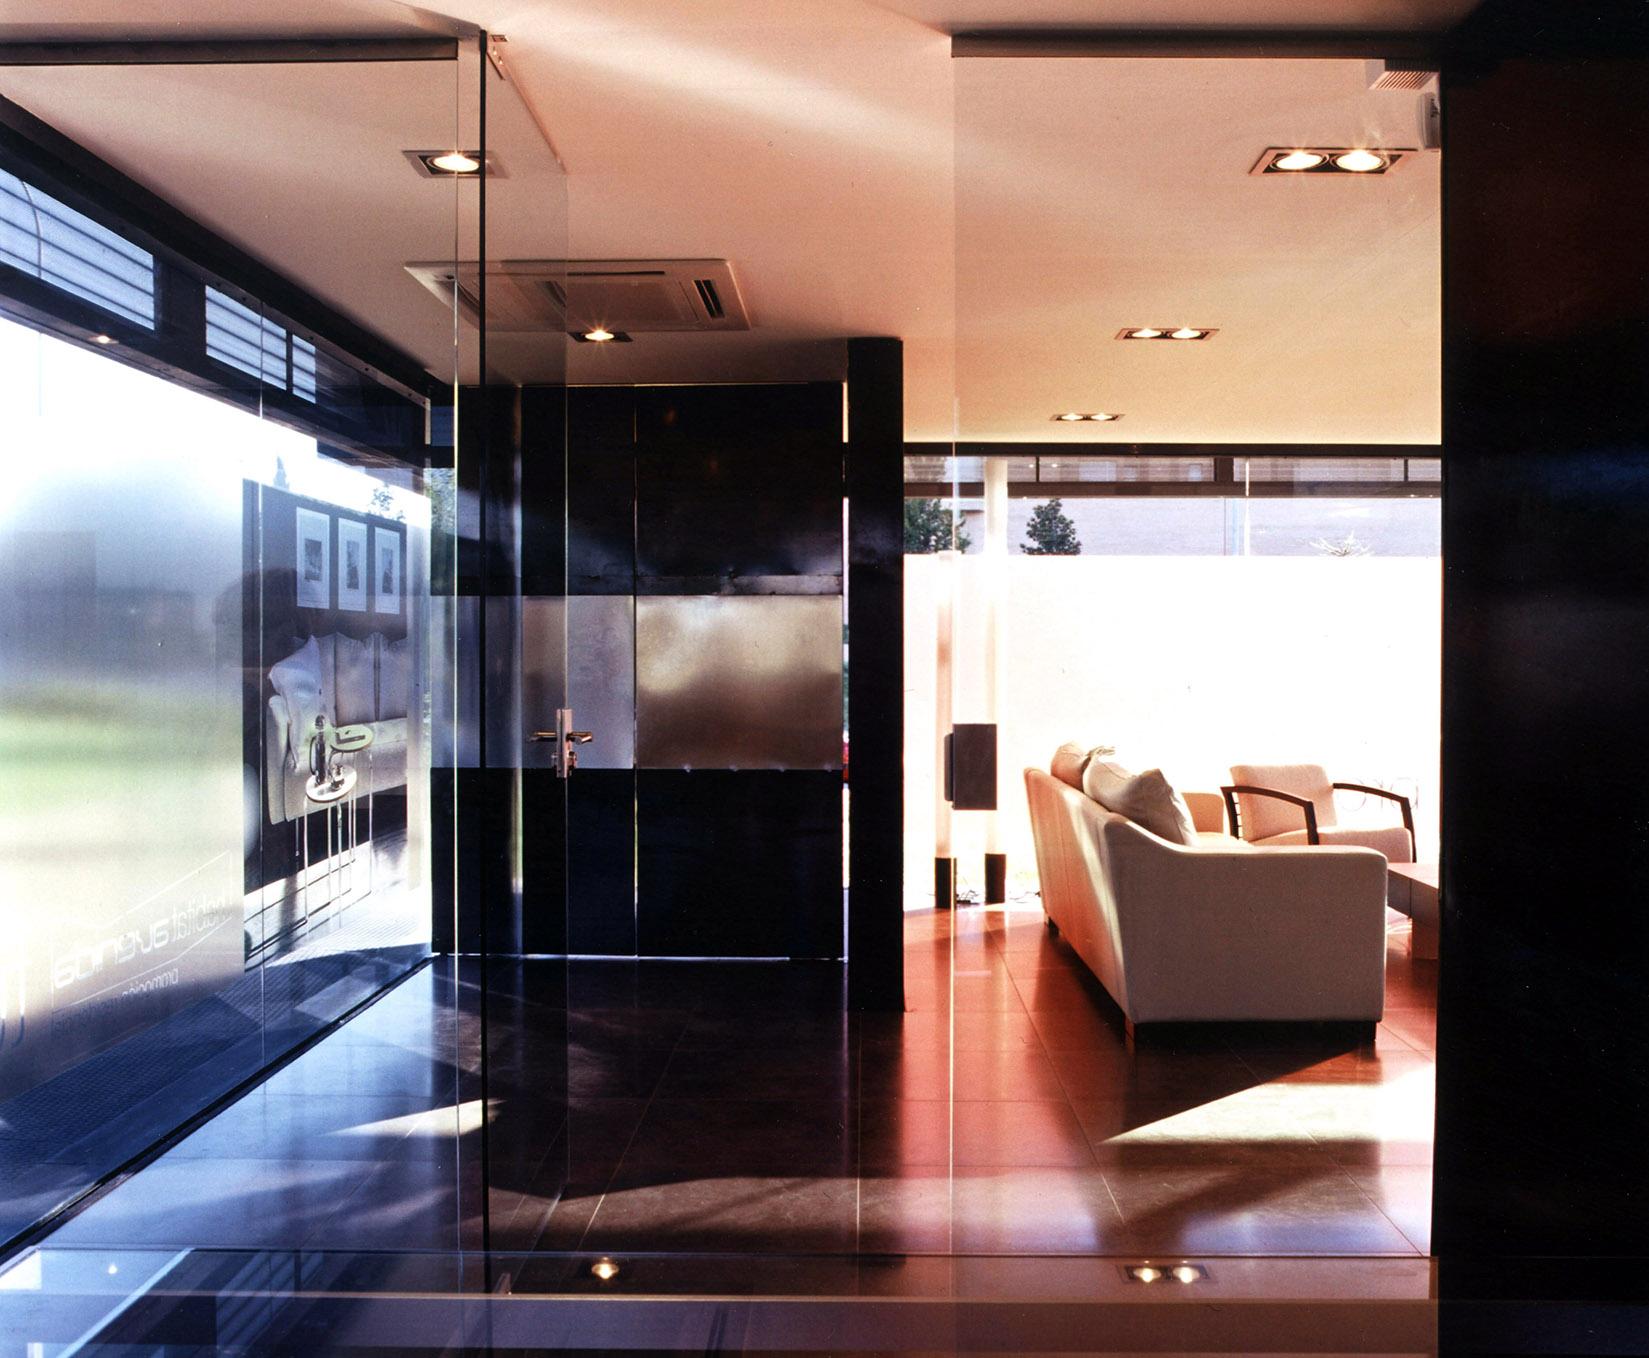 06_habitat interior_estudicastro